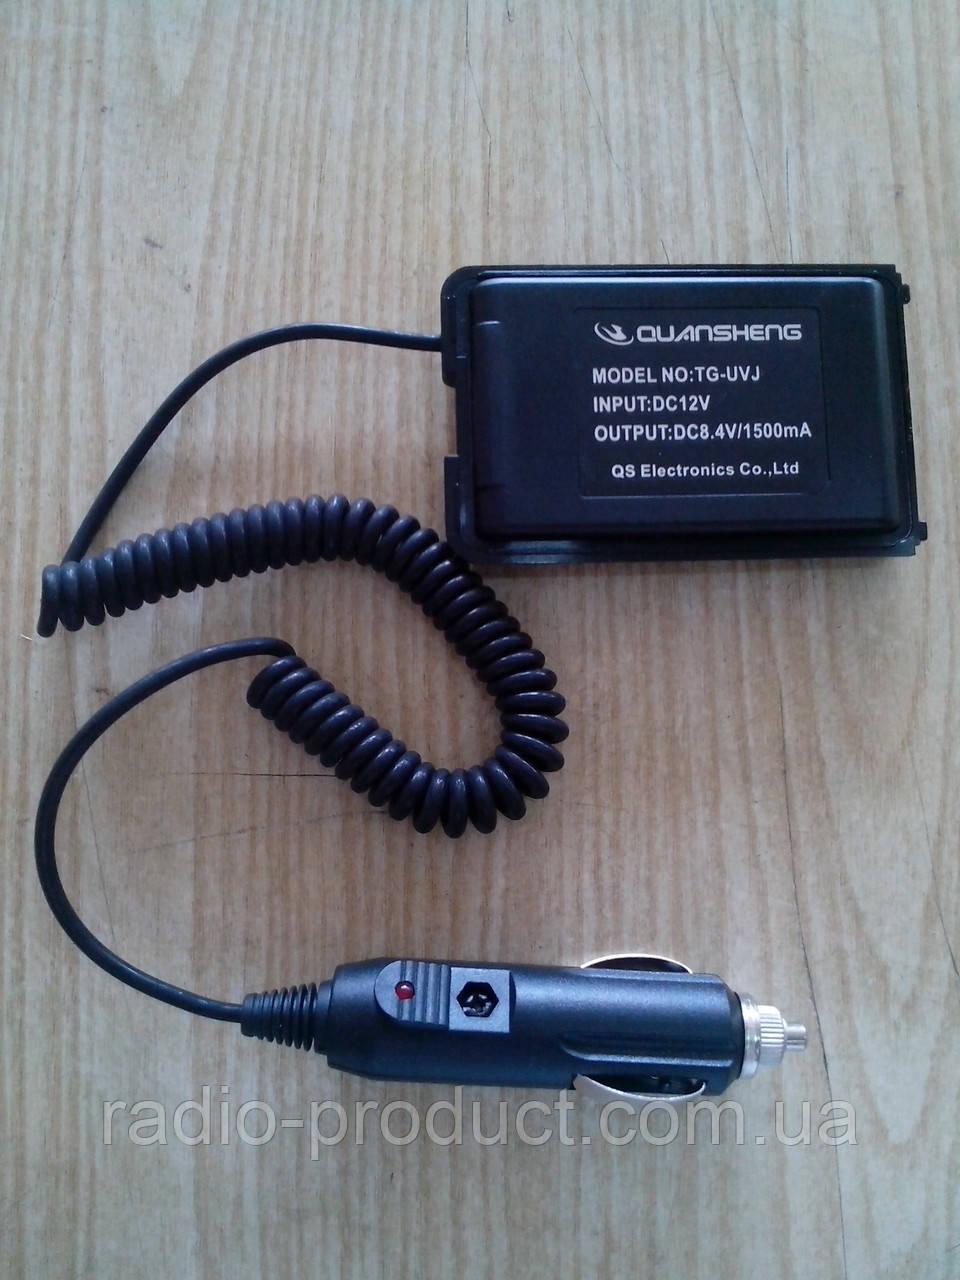 Питание от прикуривателя для радиостанции Quansheng TG-UV2